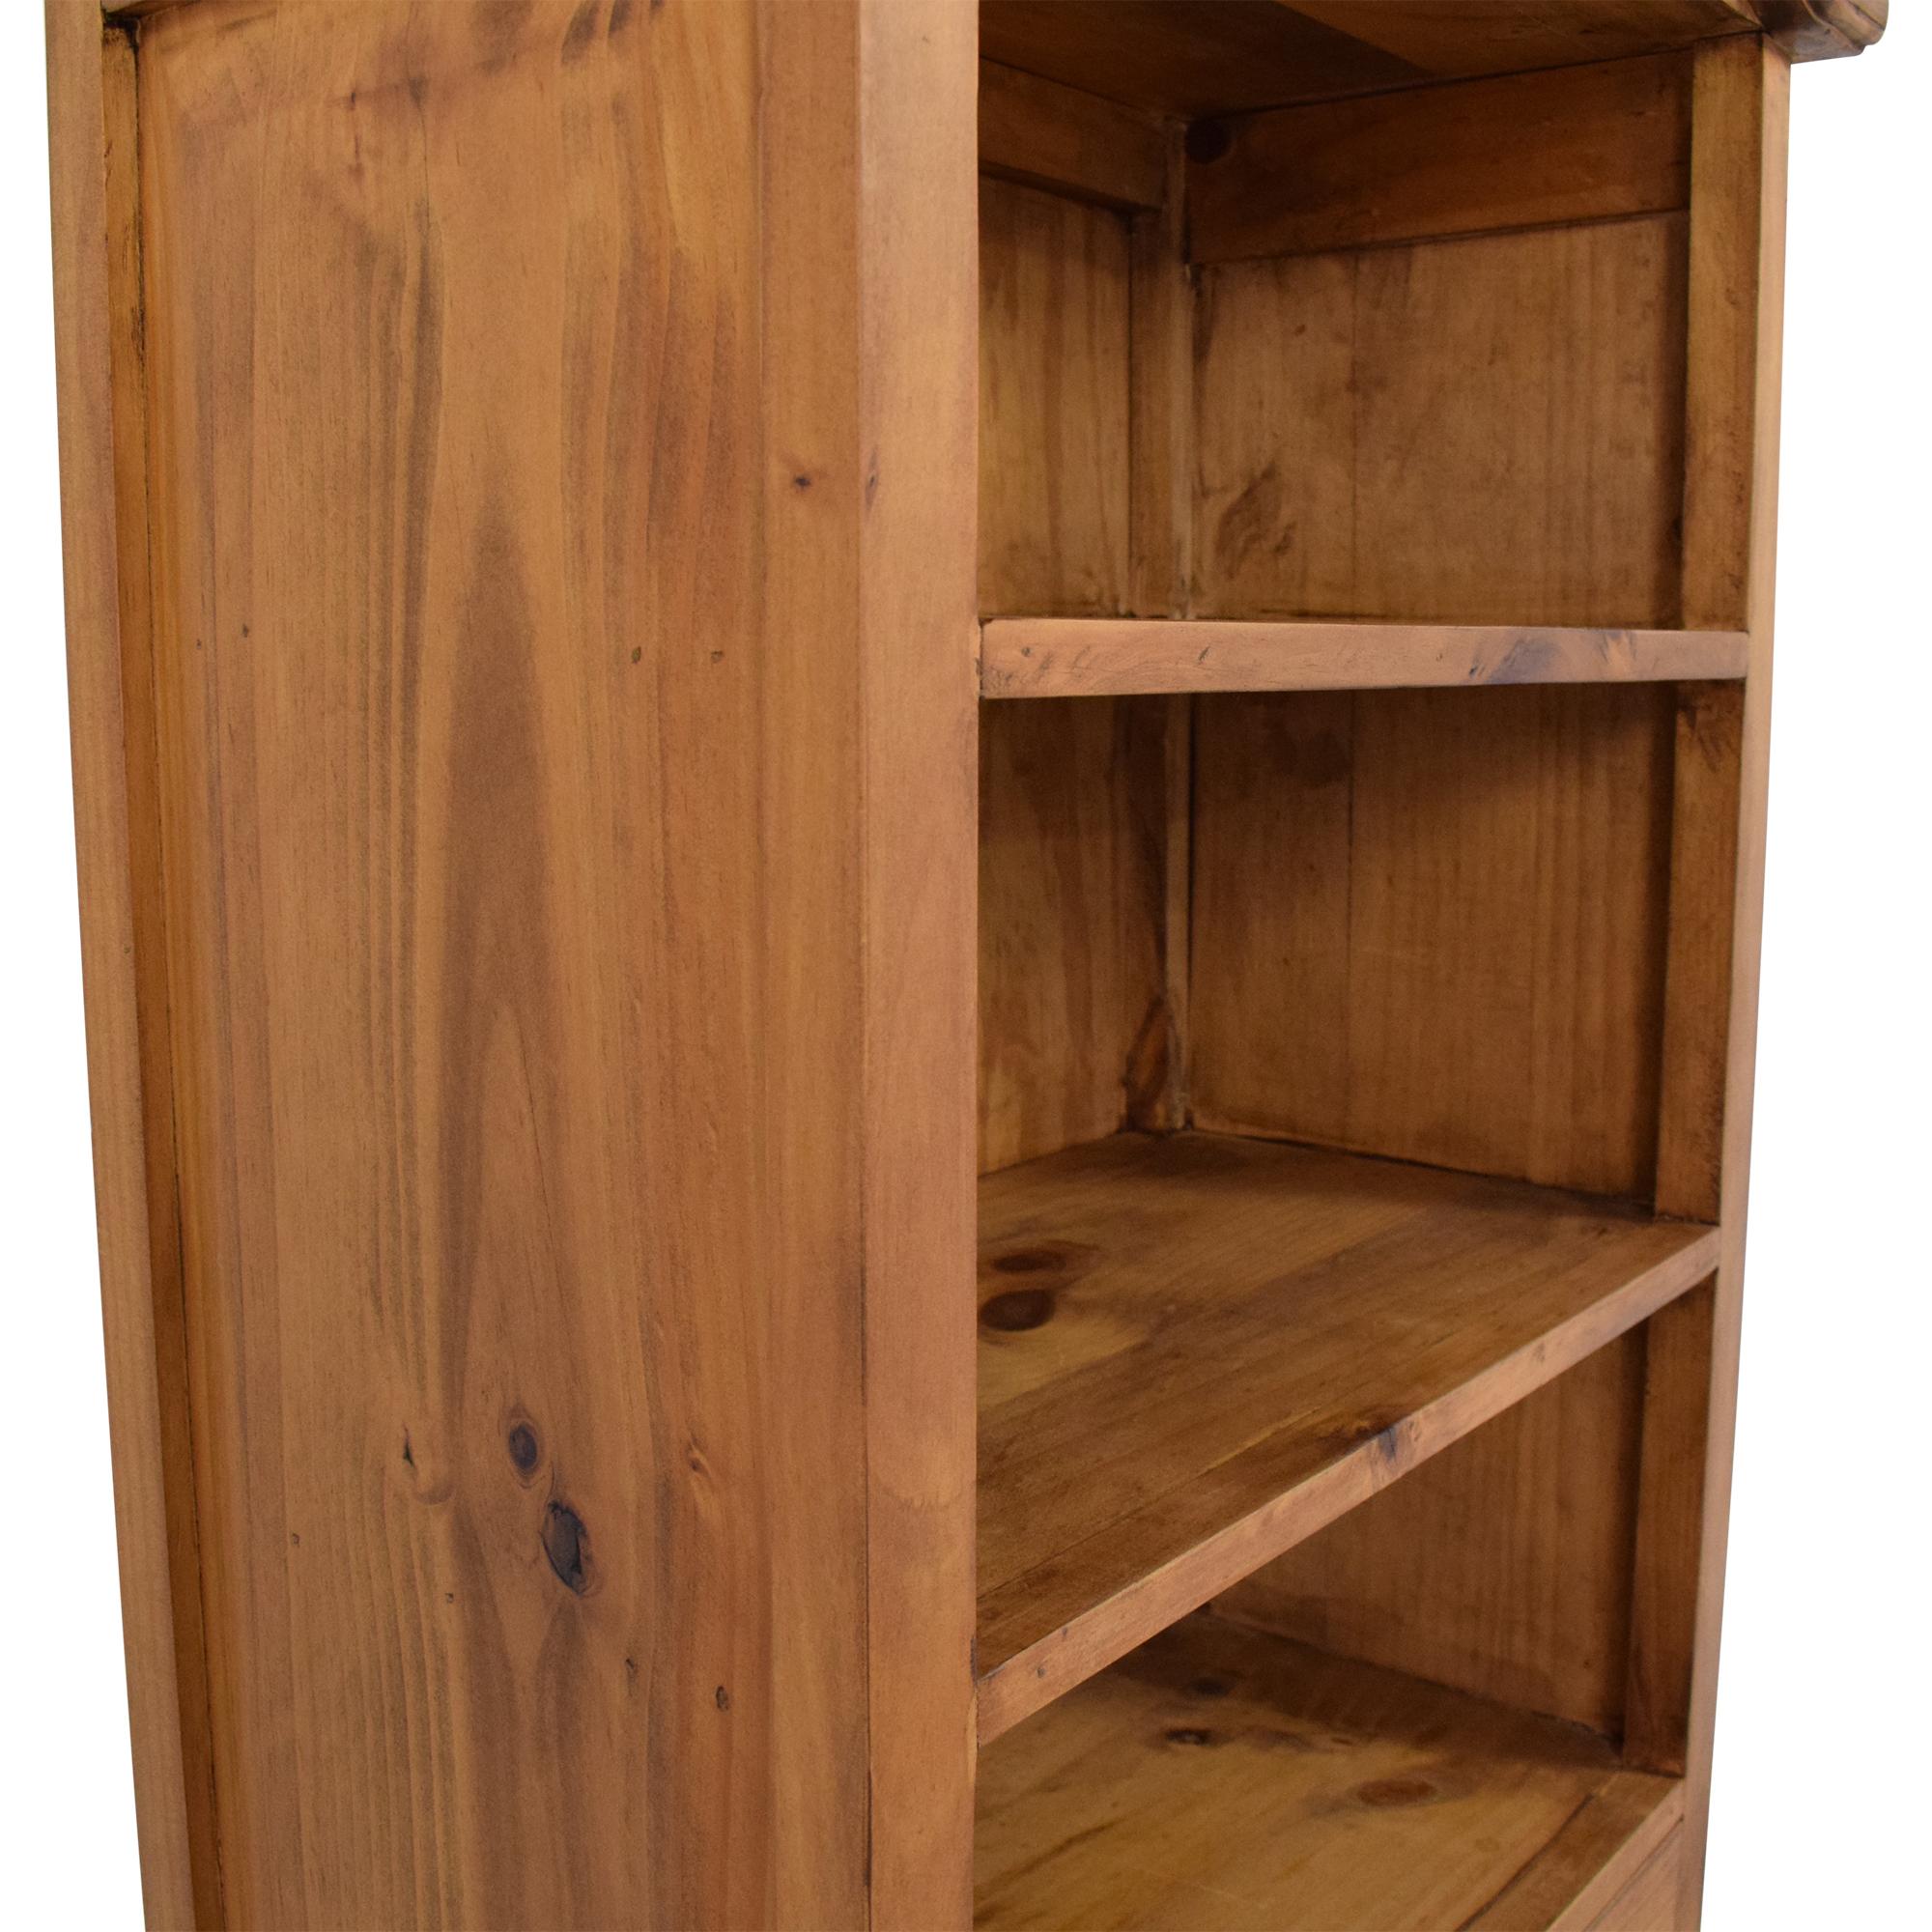 El Dorado Furniture El Dorado Furniture Tall Bar Cabinet discount